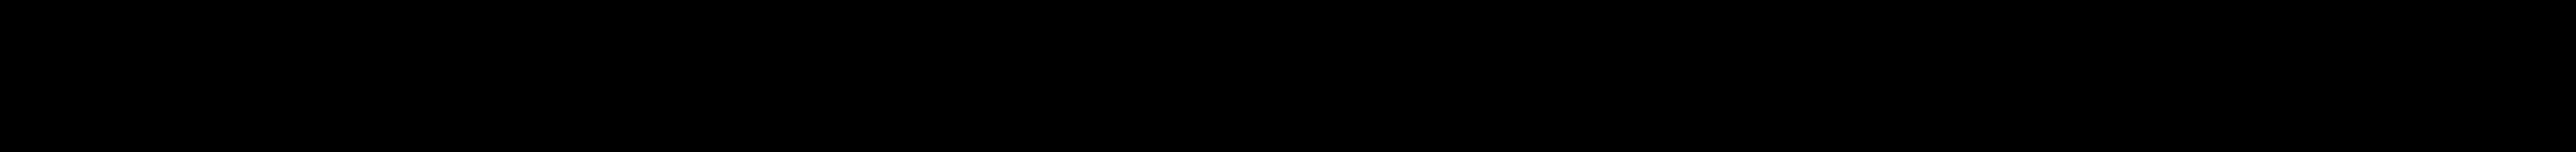 Logo Kungliga Djurgården - En av världens vackraste stadsparker. - @kungligadjurgarden - kungligadjurgarden.com